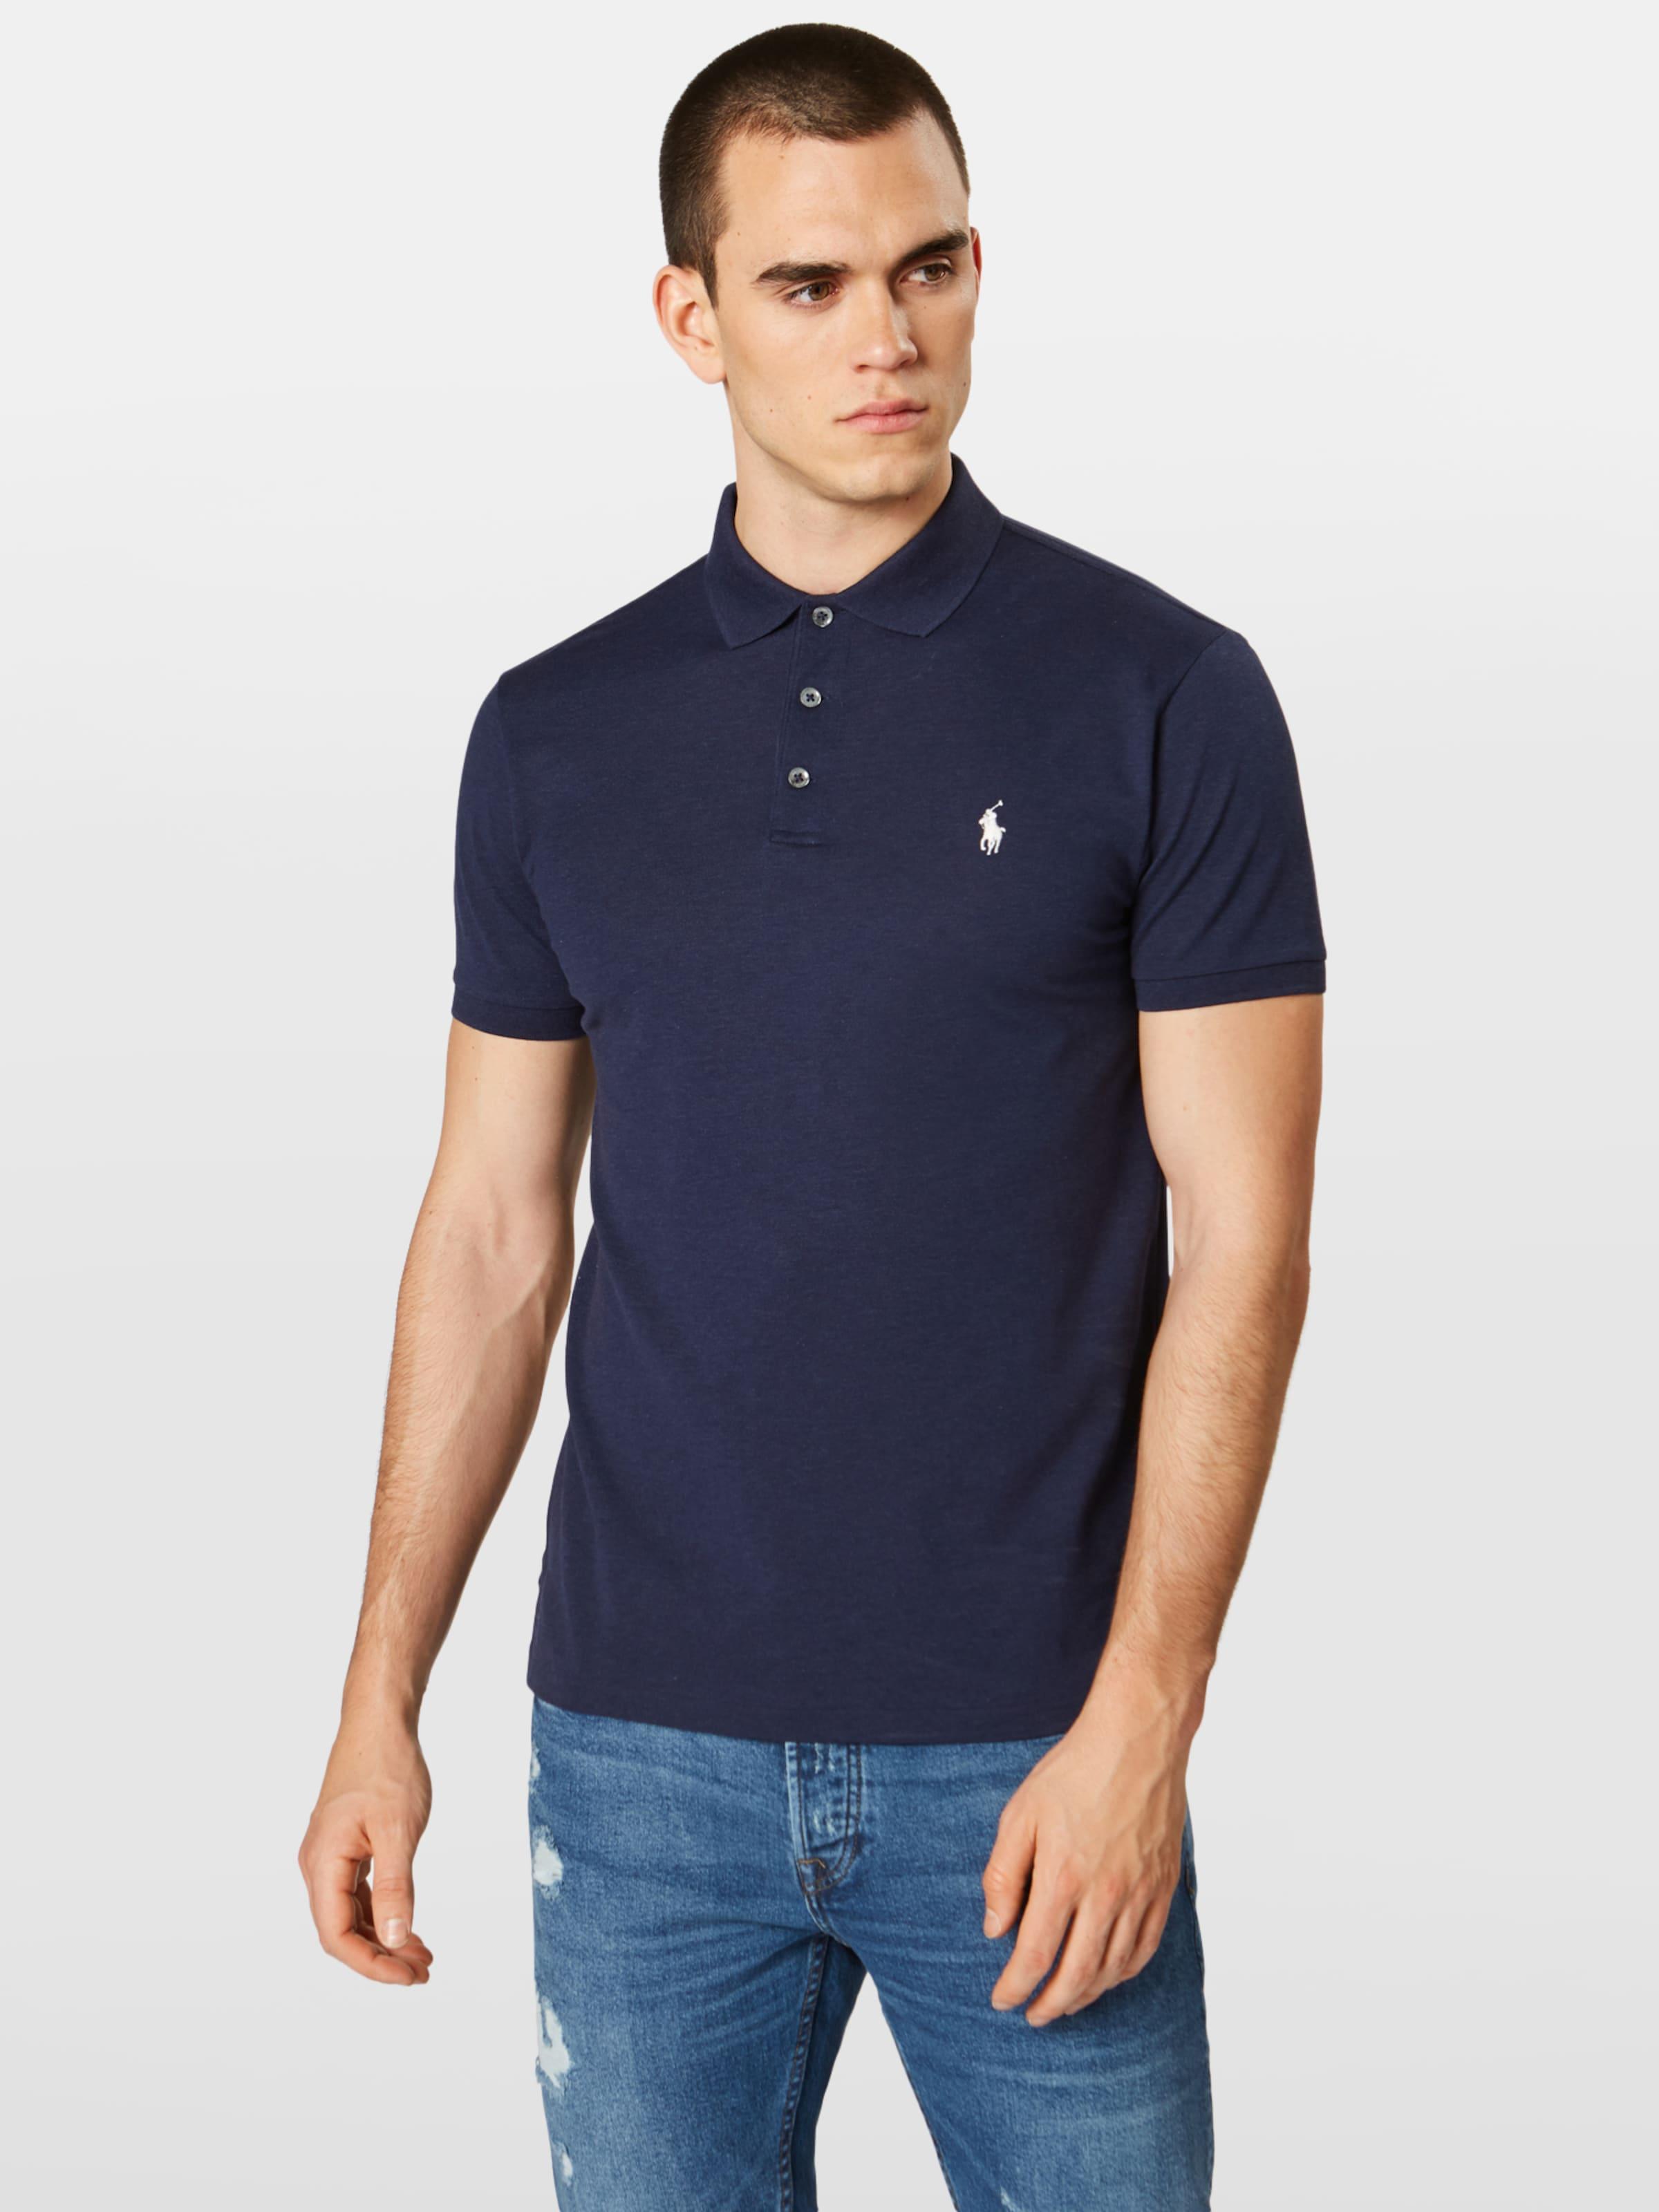 Sleeve Lauren T shirt Ralph short Marine Bleu knit' 'sskcslm1 Polo En ZuXOPki